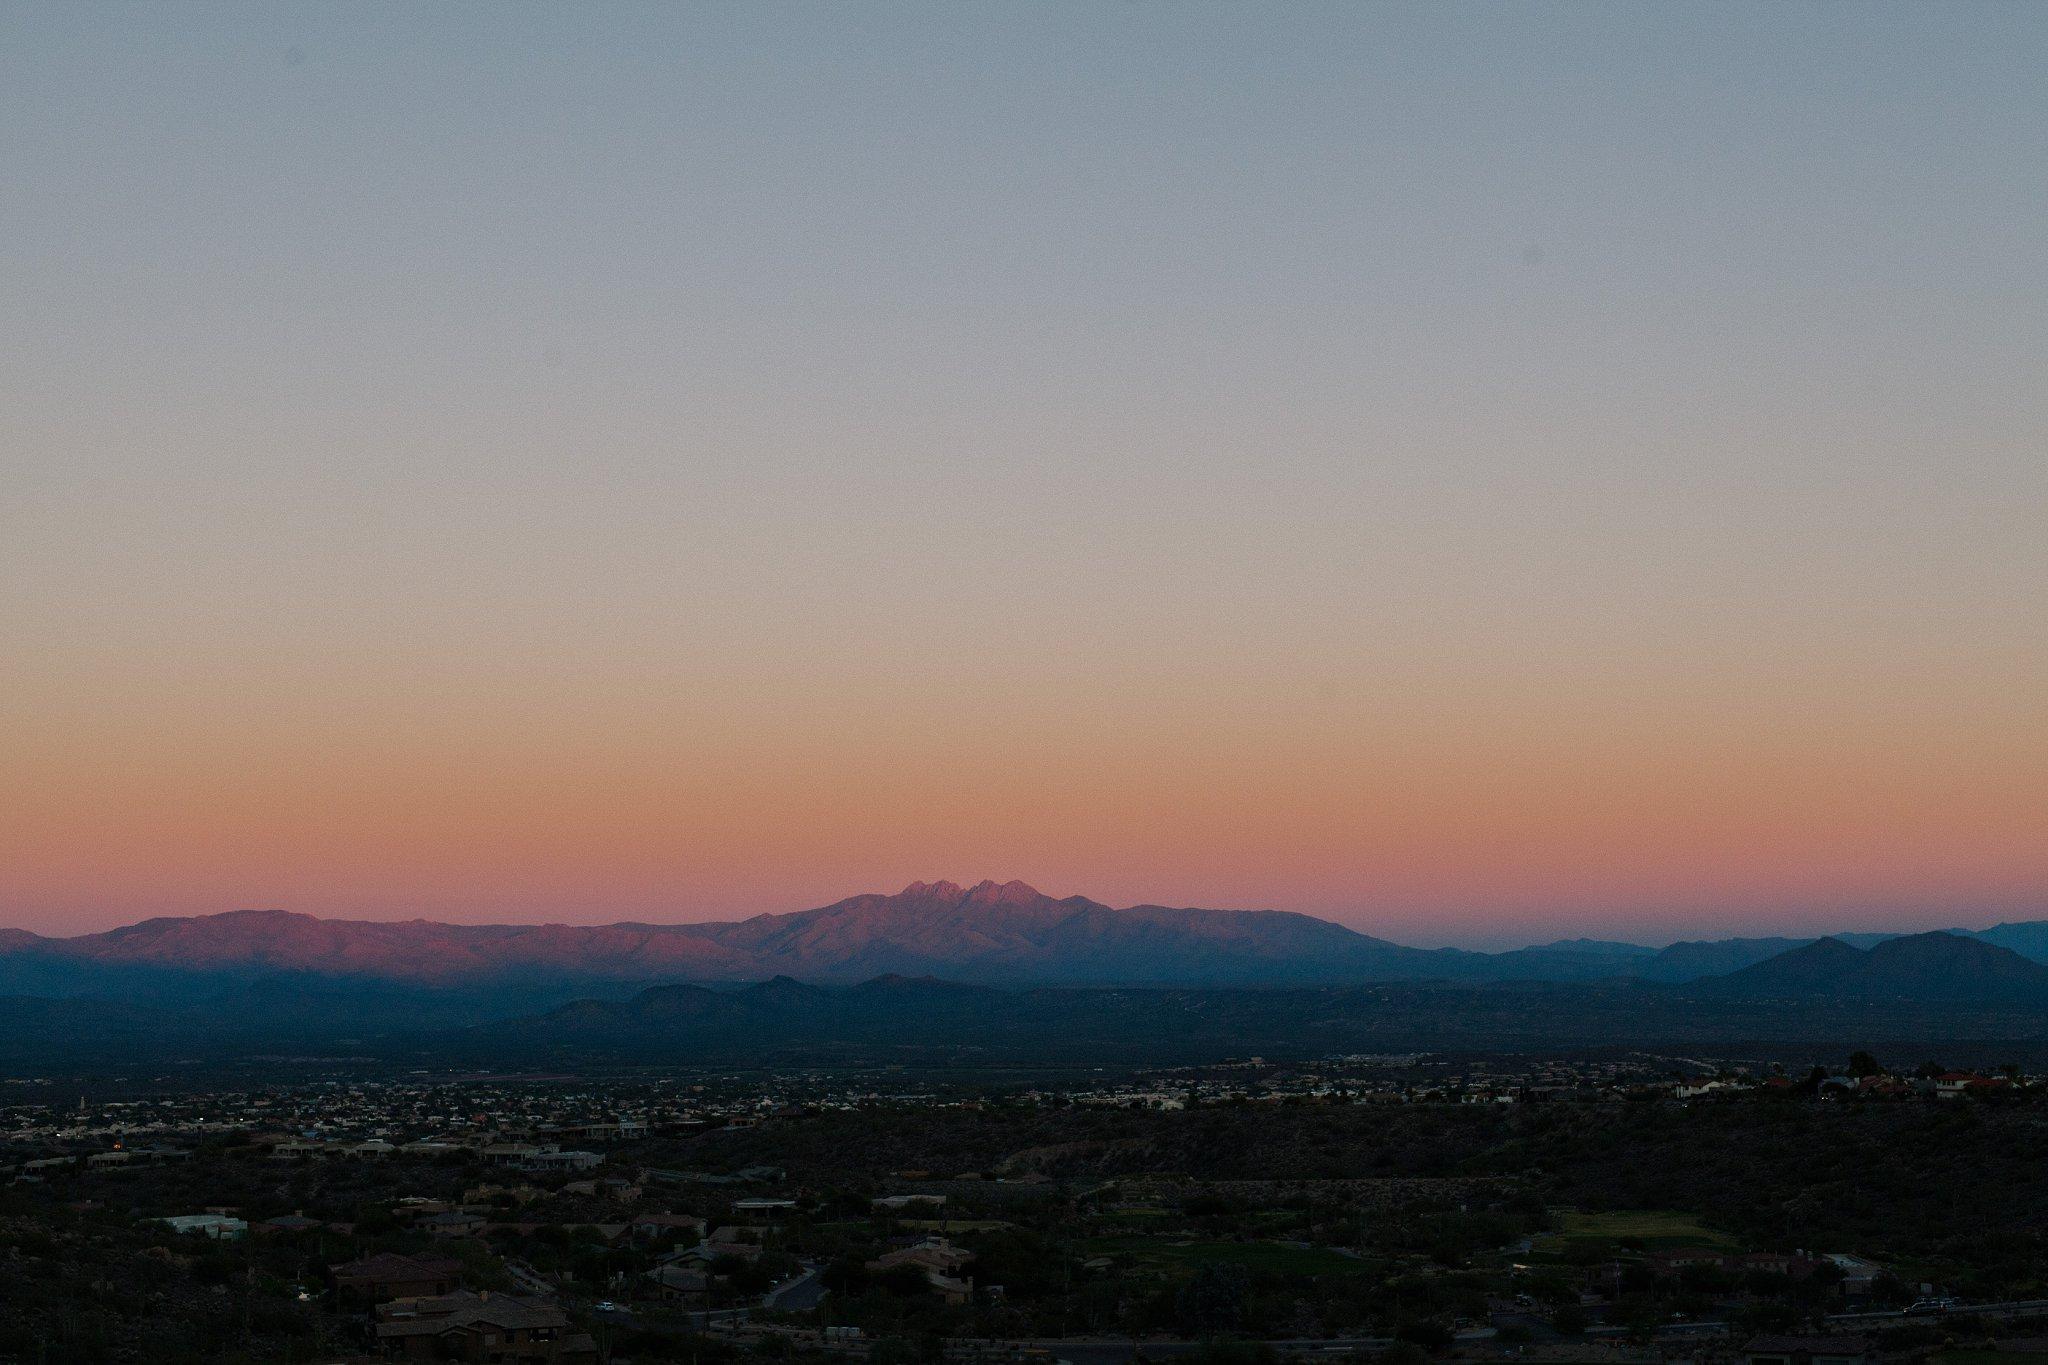 Four Peaks, Arizona at sunset